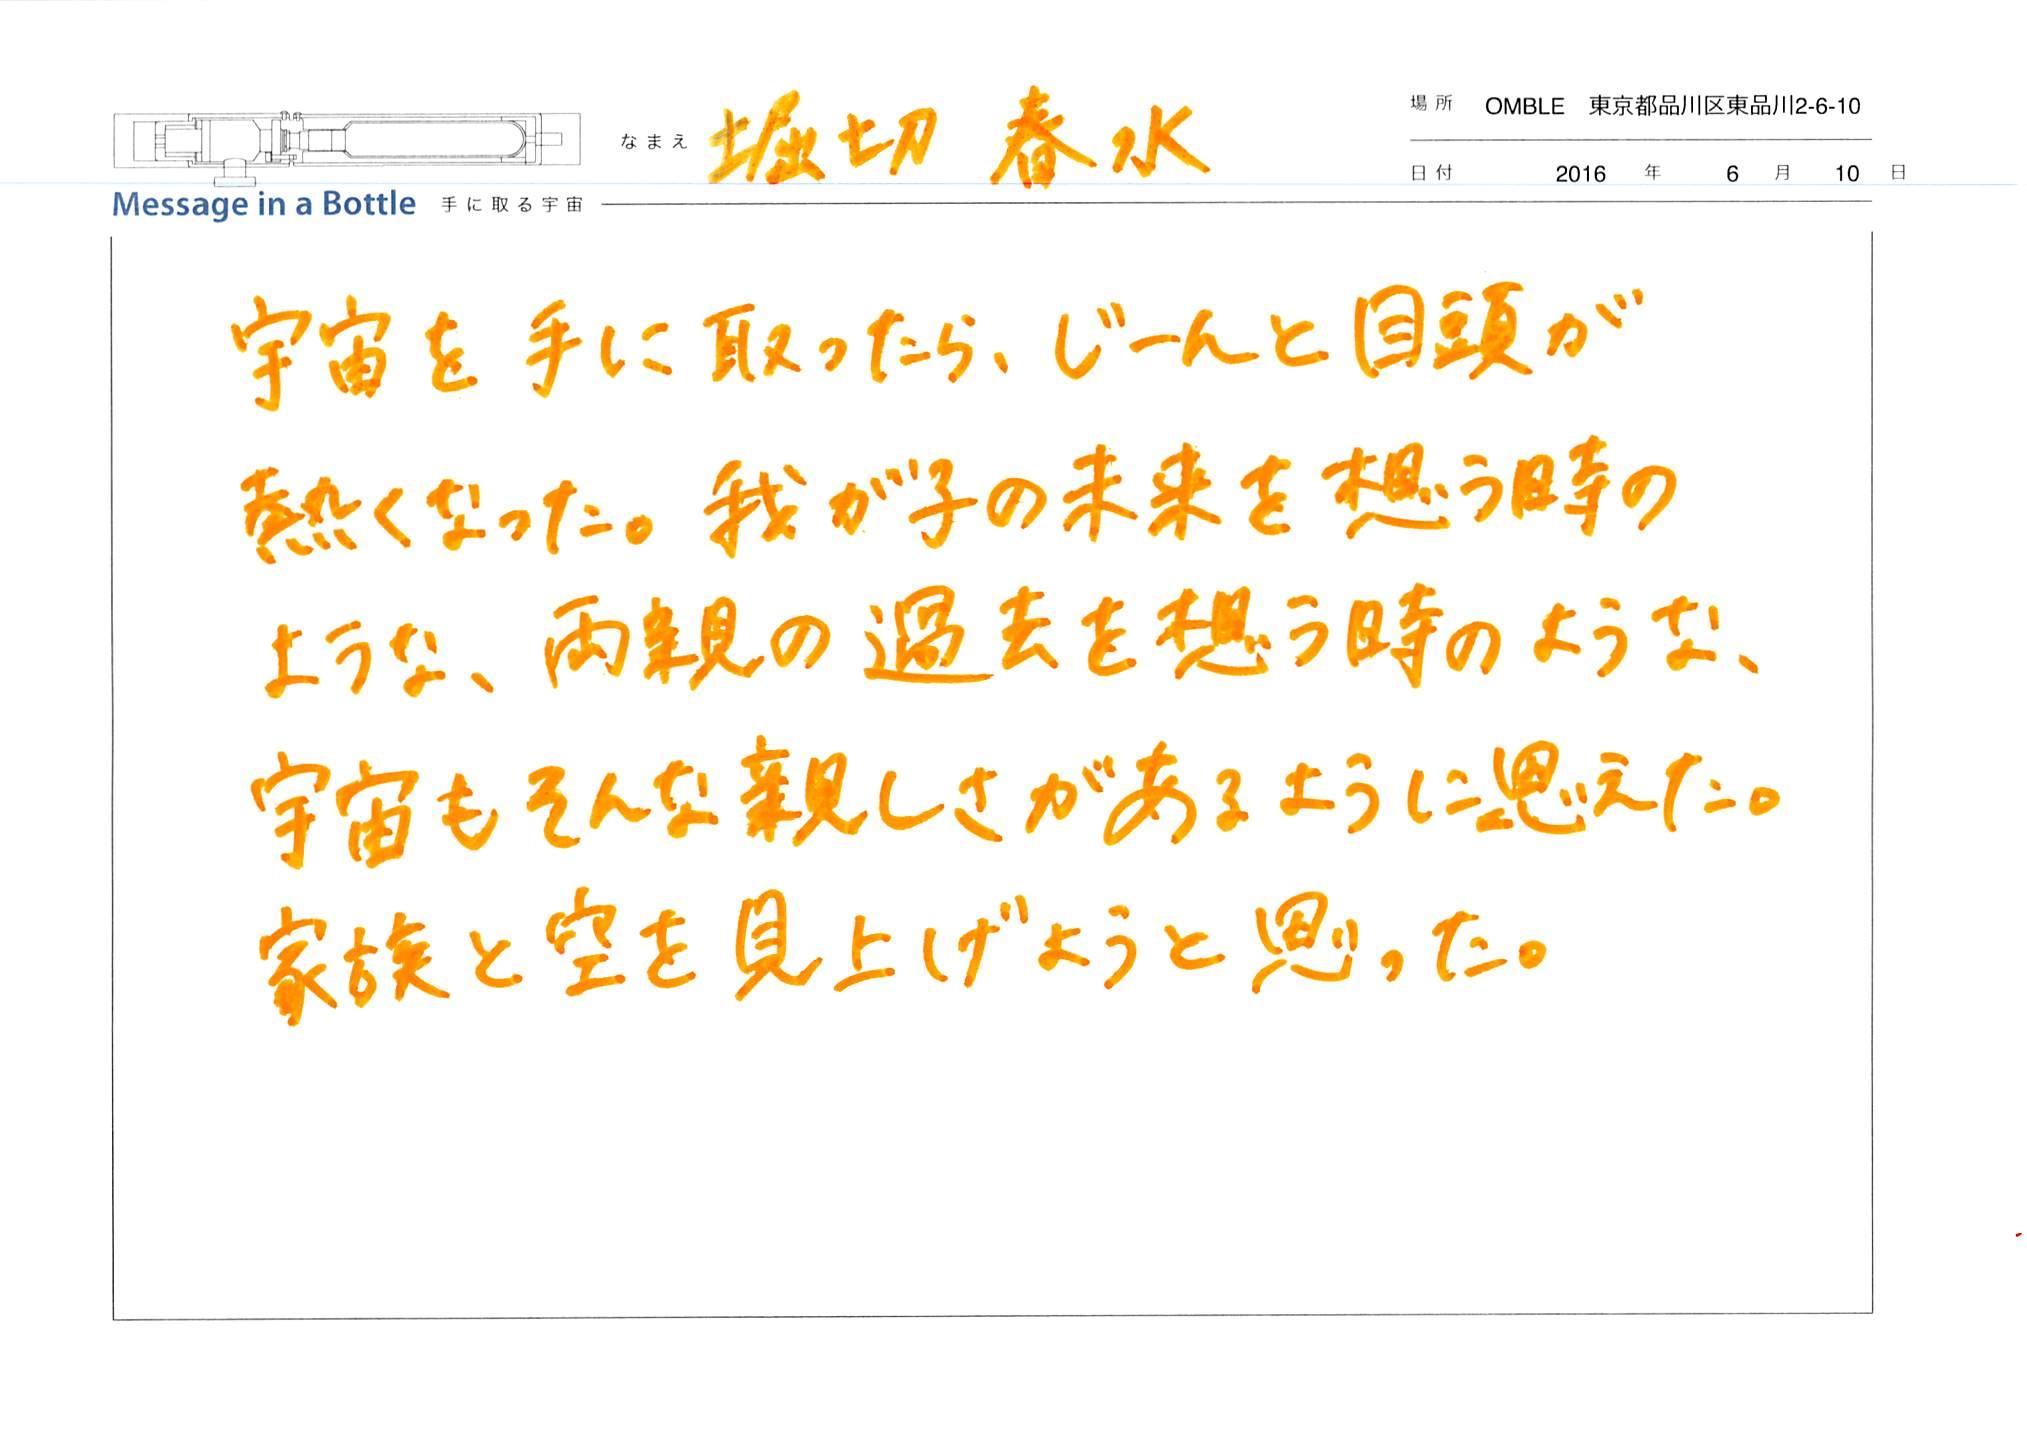 2016-06-10-16-57-13.jpg